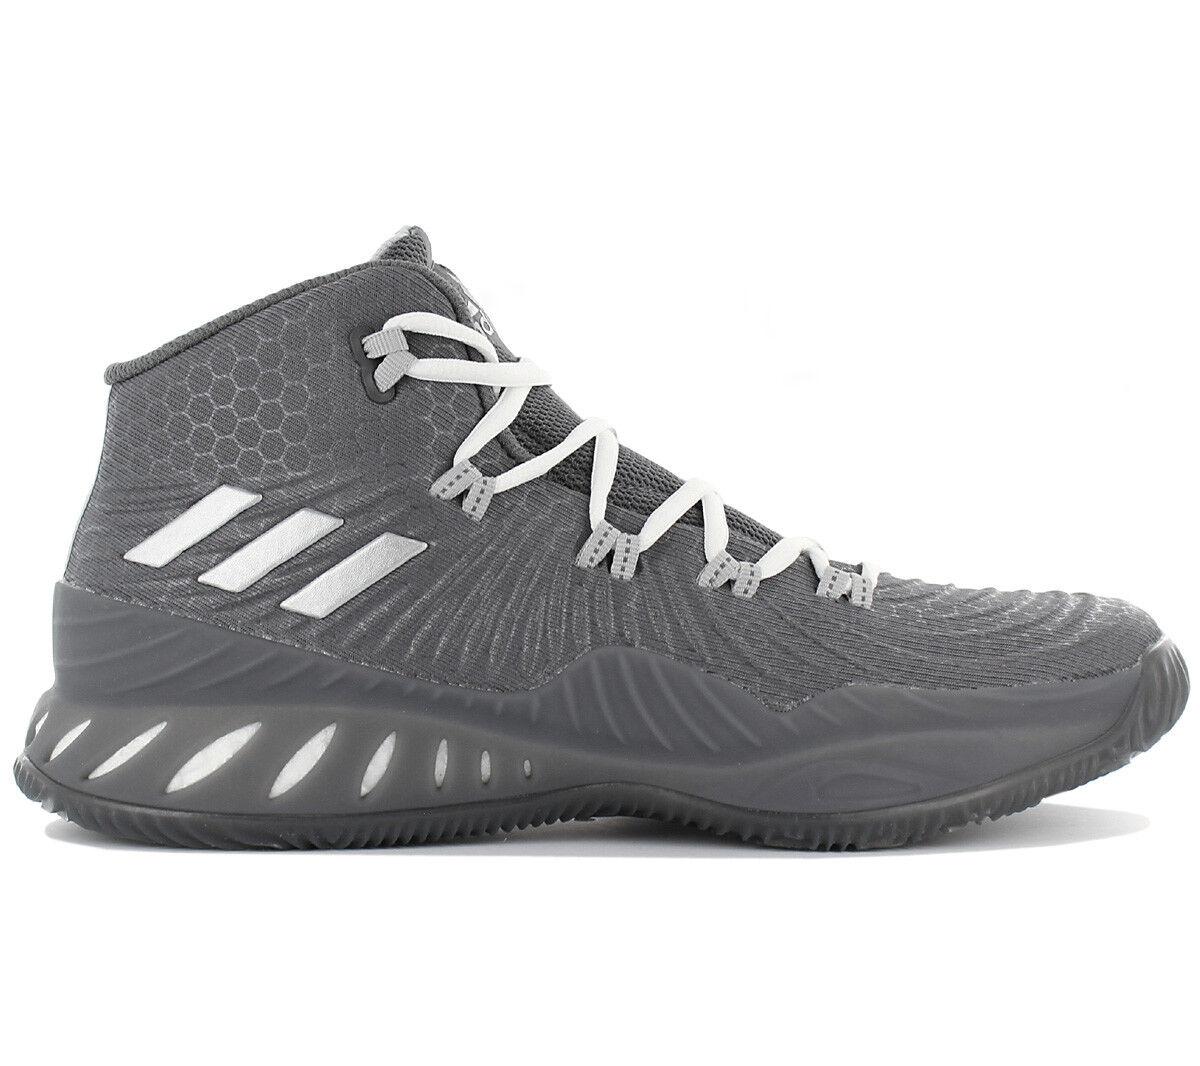 Adidas pazzo esplosivo 2017 impulso degli uomini by3767 basketballscarpe scarpe nuove | Grande Vendita Di Liquidazione  | Gentiluomo/Signora Scarpa